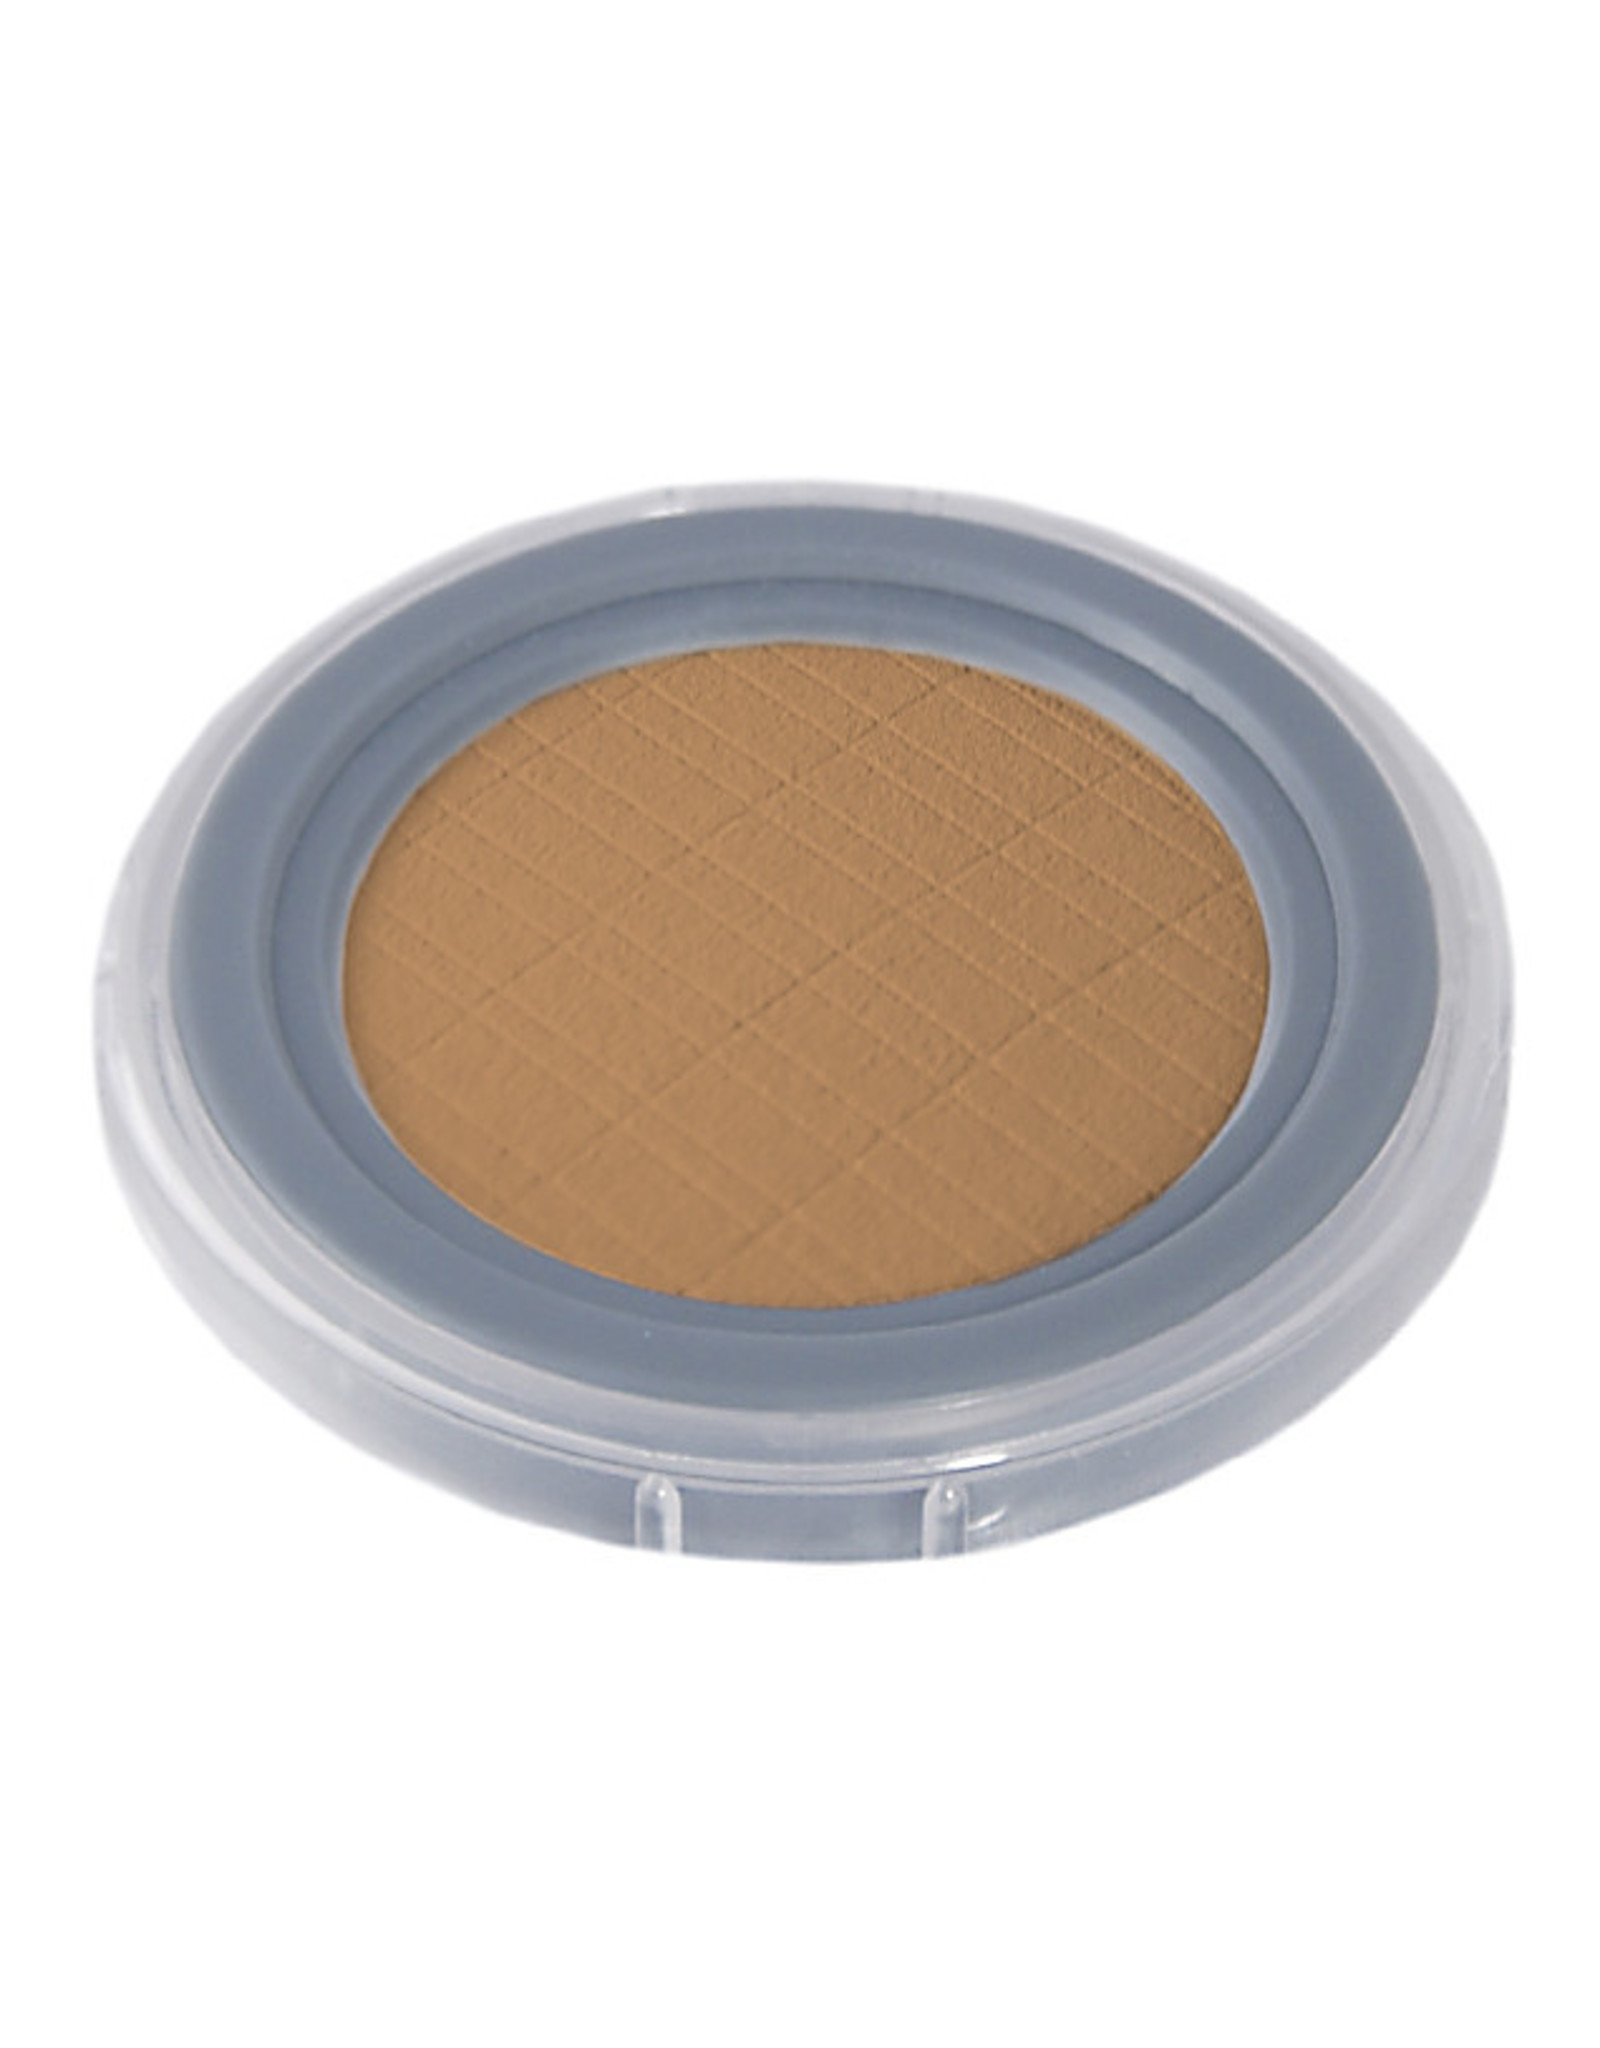 Grimas COMPACT POWDER 09 Bruin 8 g